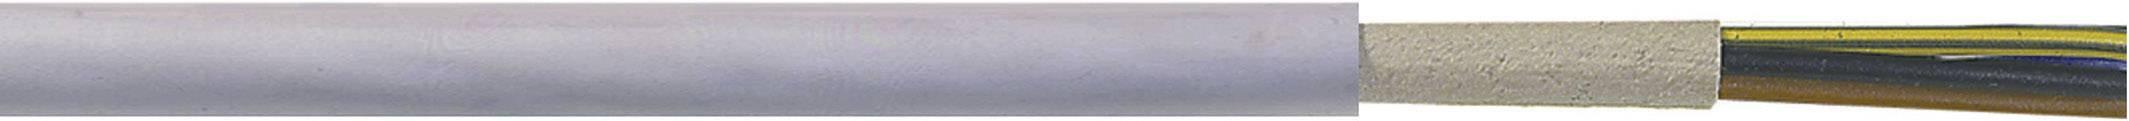 Opláštený kábel LappKabel NYM-J 16000003, 3 x 1.50 mm², metrový tovar, sivá